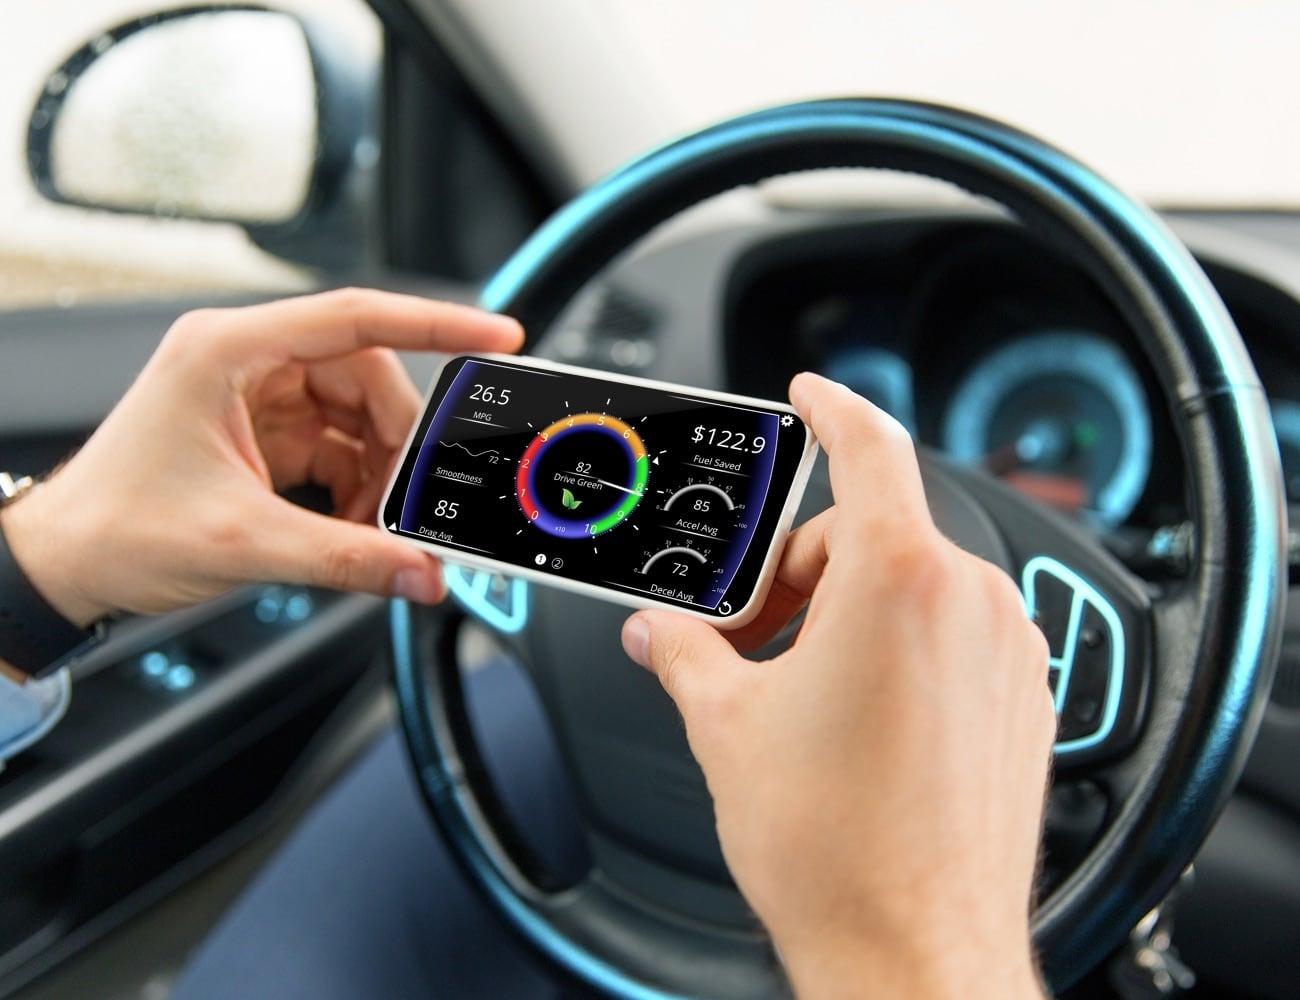 Kiwi 4 Smart Wireless OBD Device